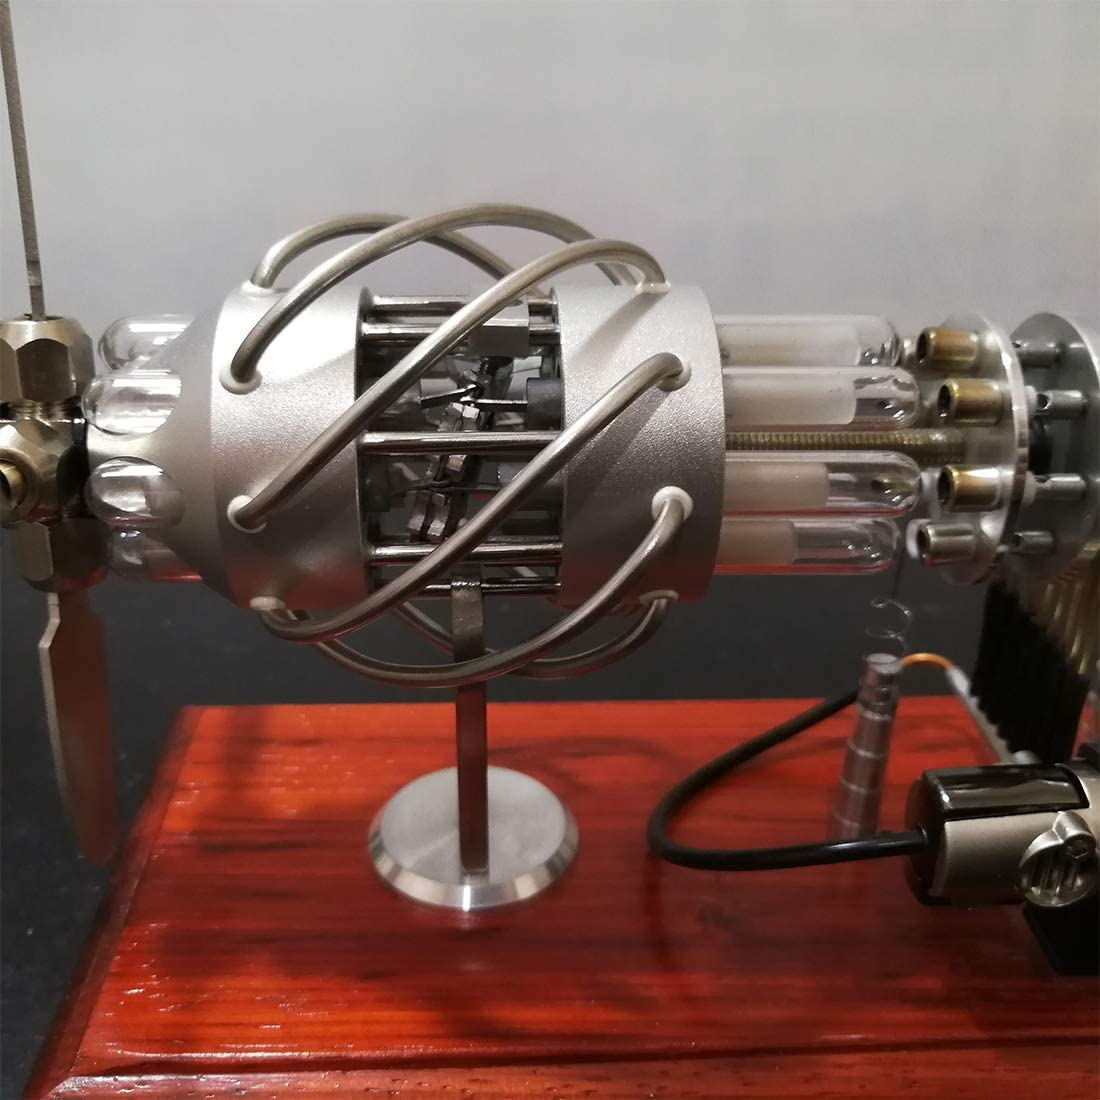 Mecotecn Mecotecn Moteur Stirling Moteur Stirling /à Air Chaud /à 16 Cylindres Stirling Engine Machine /à Vapeur Jouet /Éducatif pour Enfant et Adulte